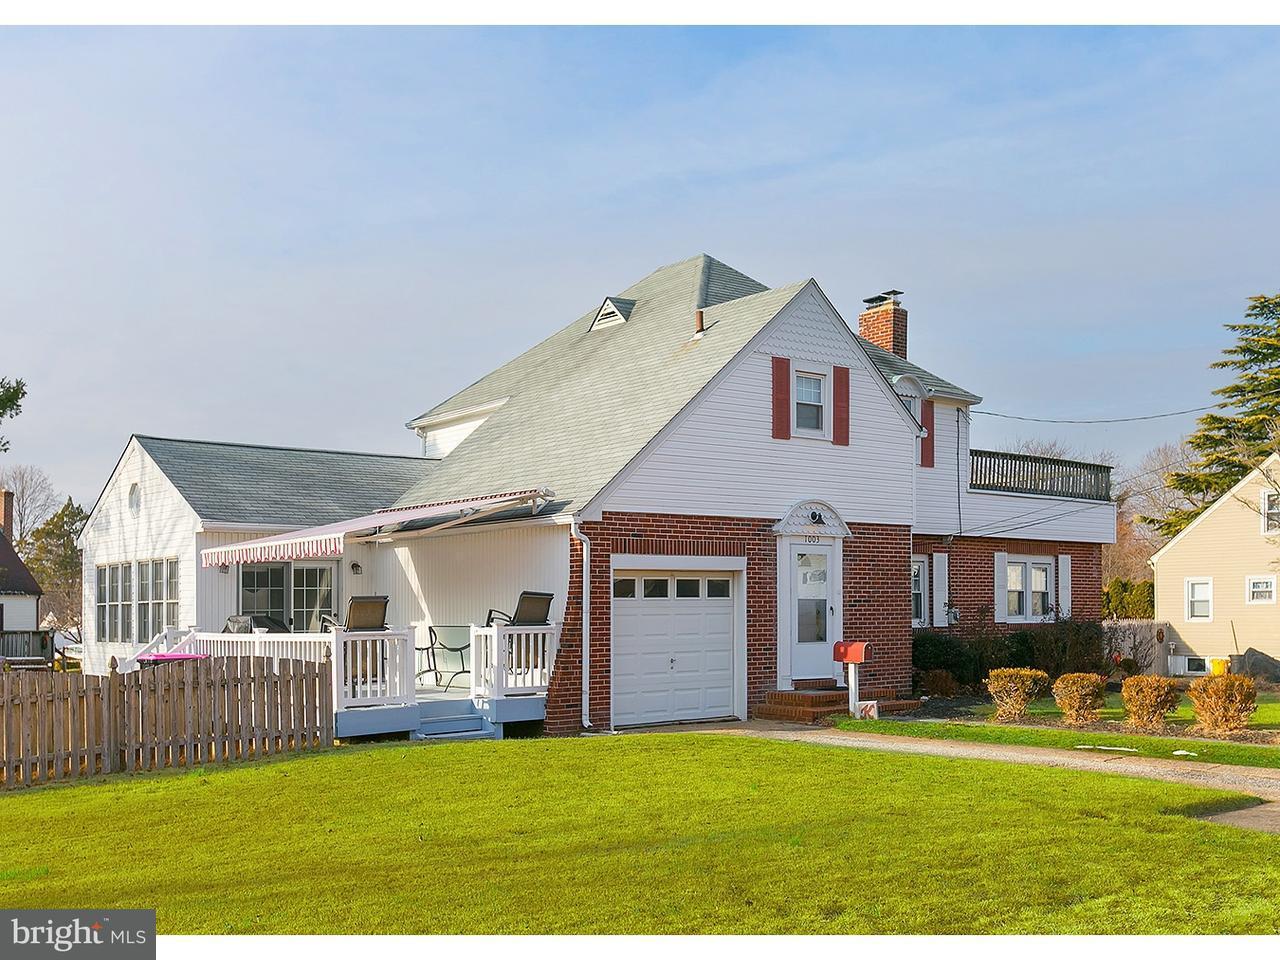 Maison unifamiliale pour l Vente à 1003 WOODLAND Avenue Glendora, New Jersey 08029 États-Unis